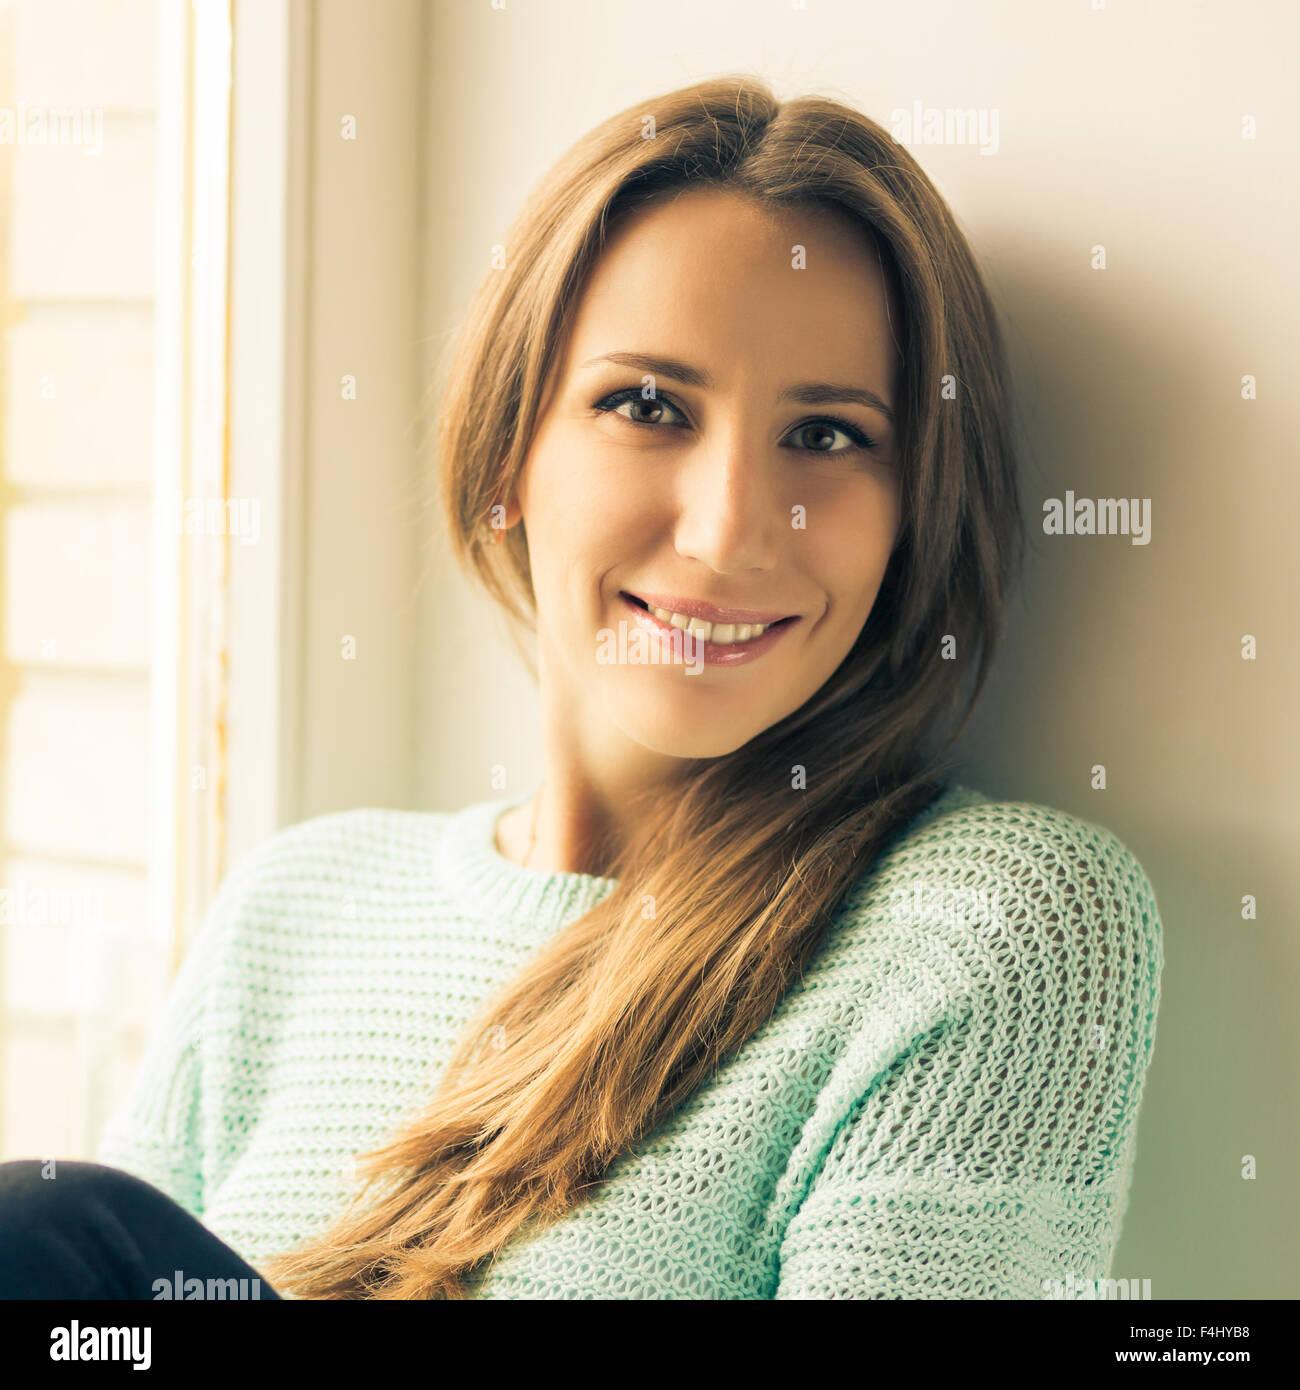 Young smiling woman détente sur l'appui de fenêtre. Les tons de couleurs chaudes de droit Photo Stock